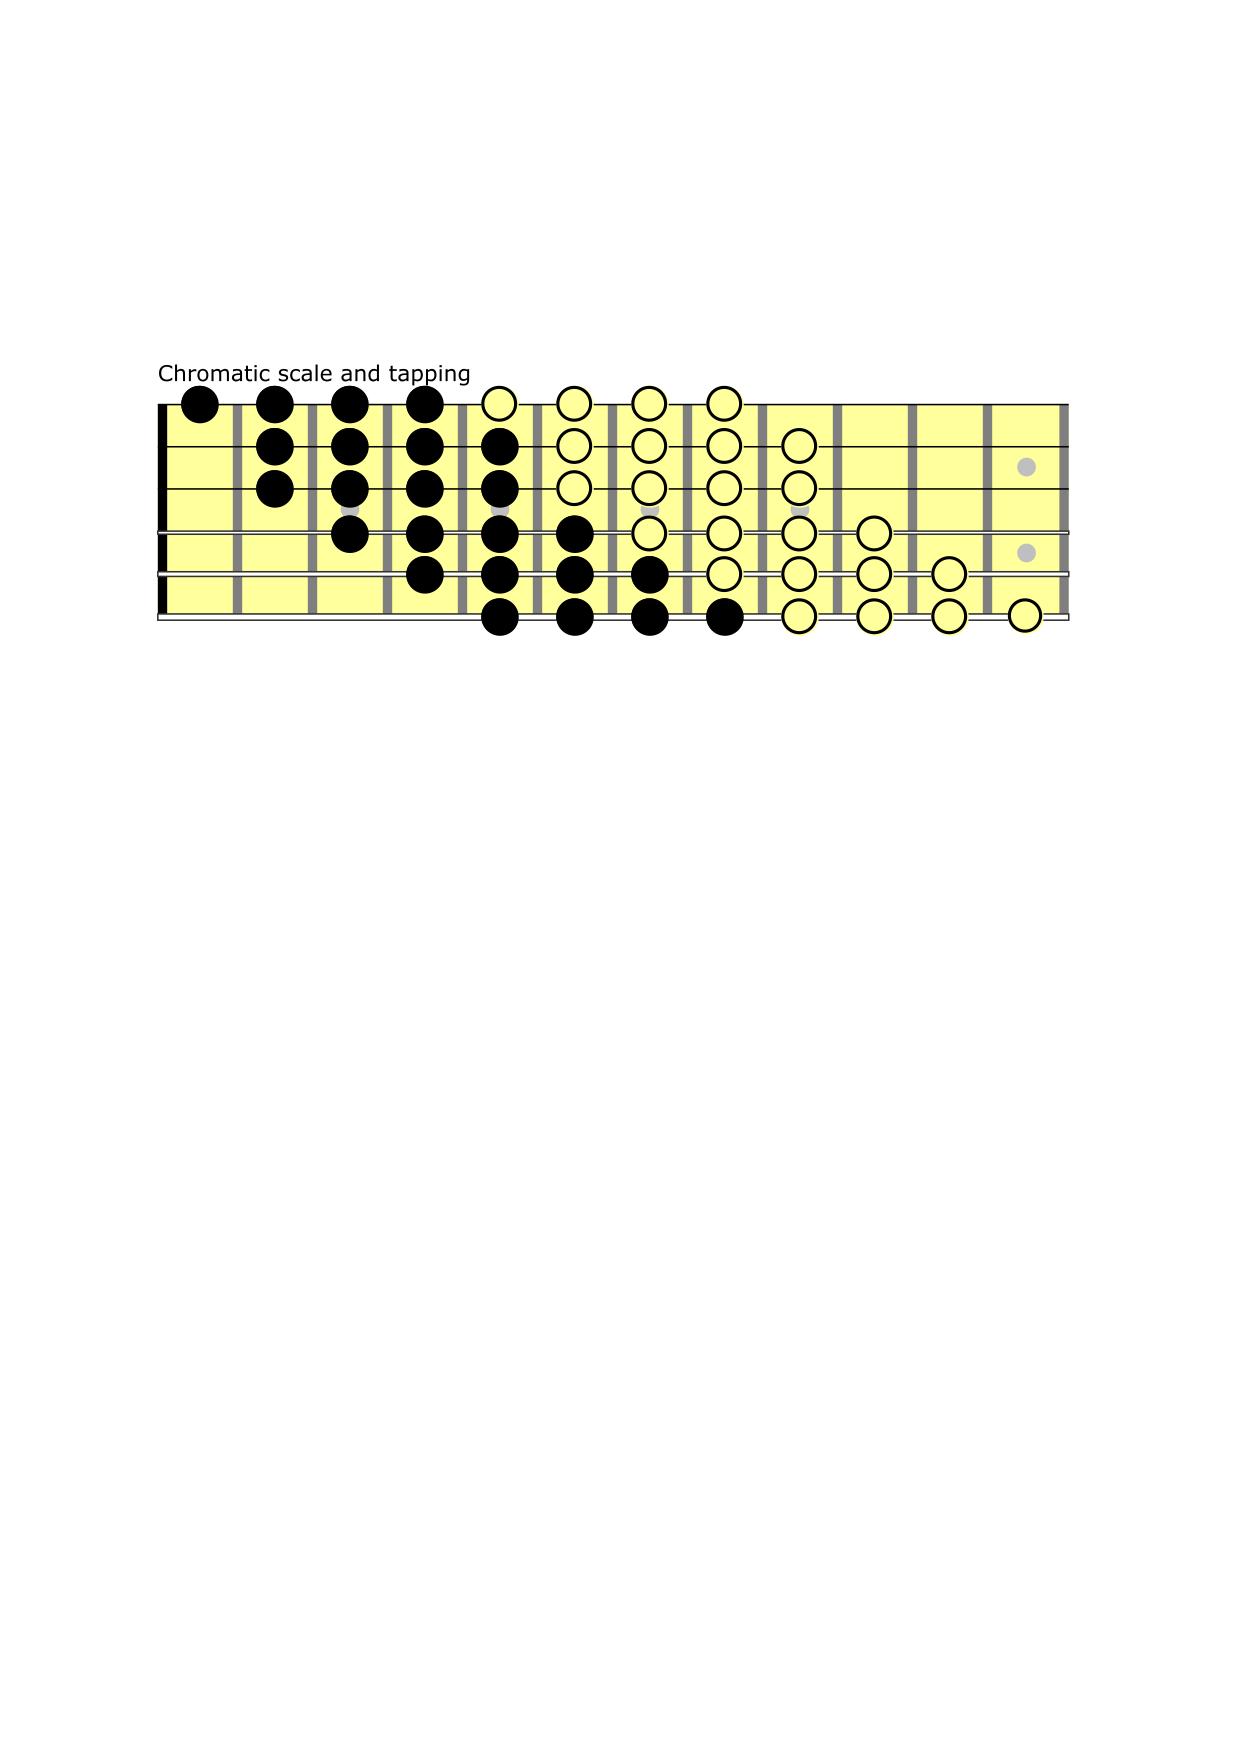 scala cromatica e tapping